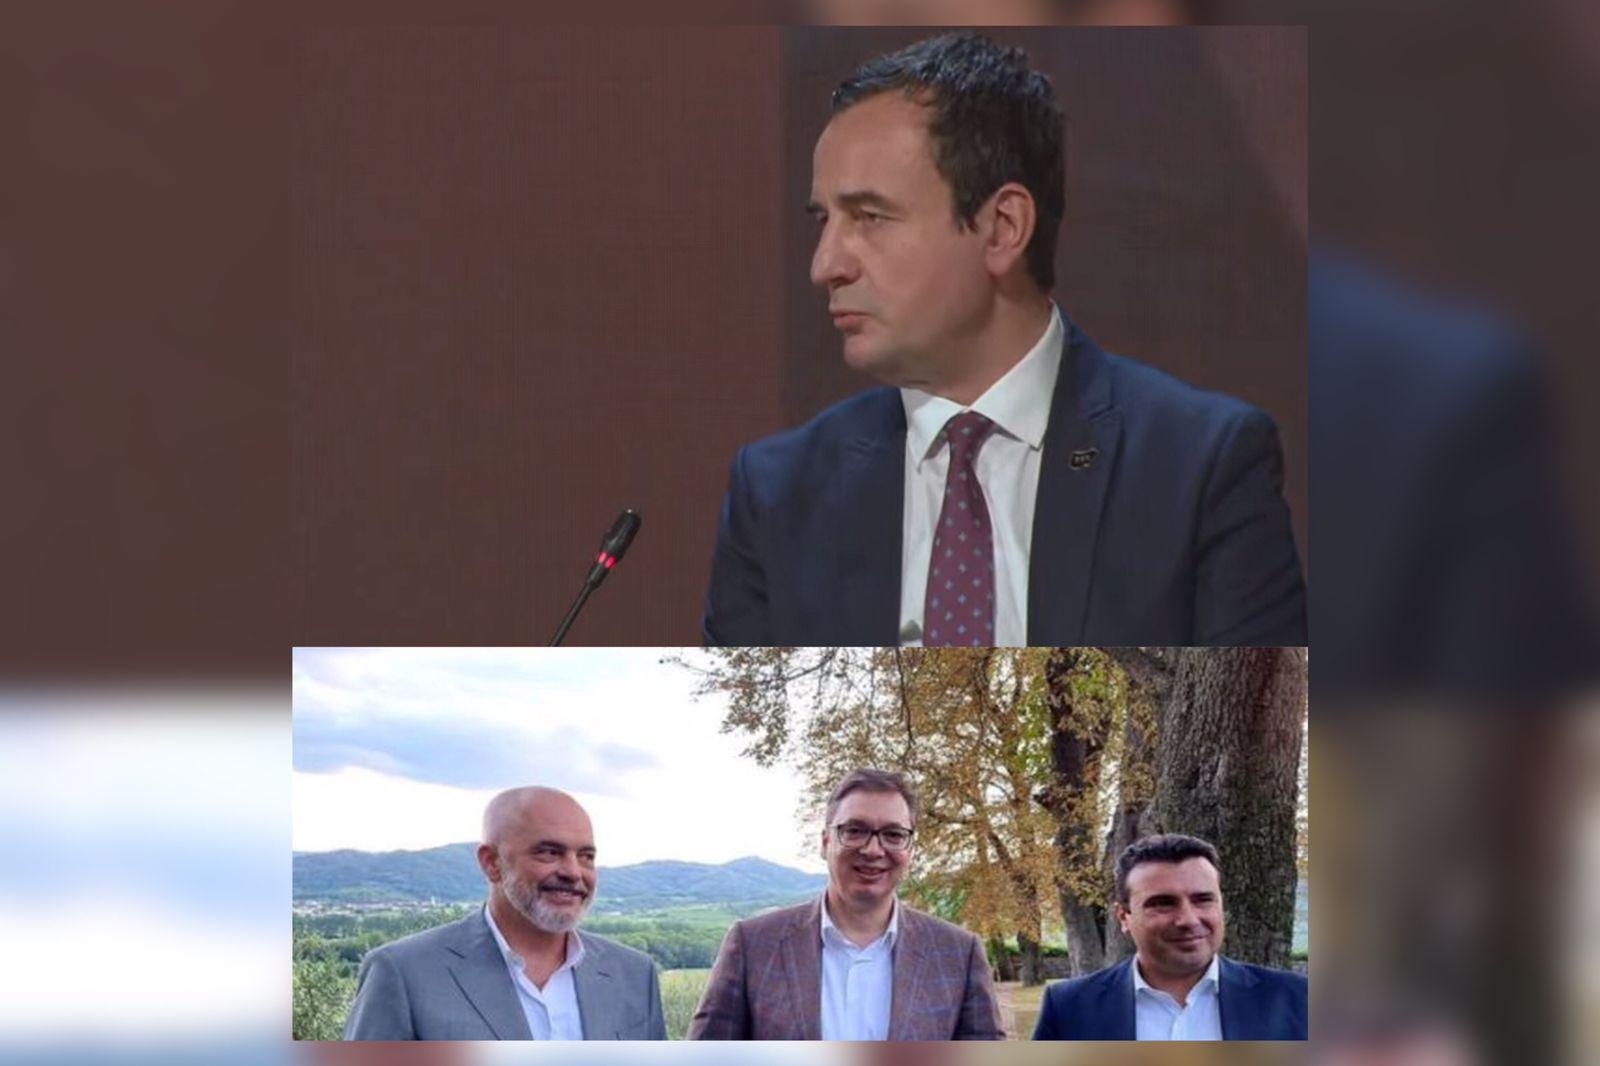 Dy shqiptarë në Bled: Kurti me alternativë, Rama me marrëzi